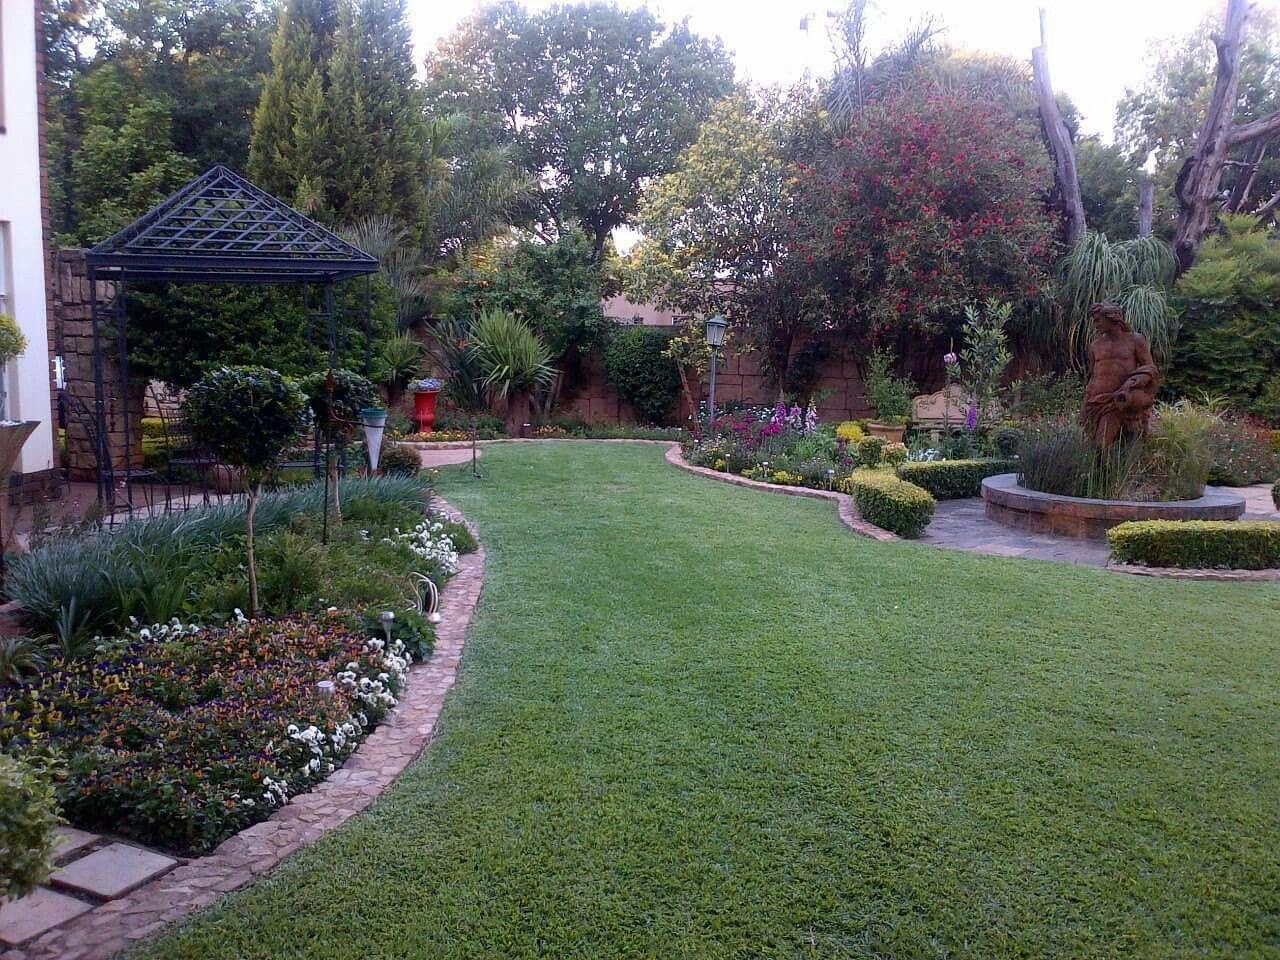 Garden By Designer Gardens Landscaping Www Designergardenlandscaping Co Za Garden Design Garden Landscaping Landscape